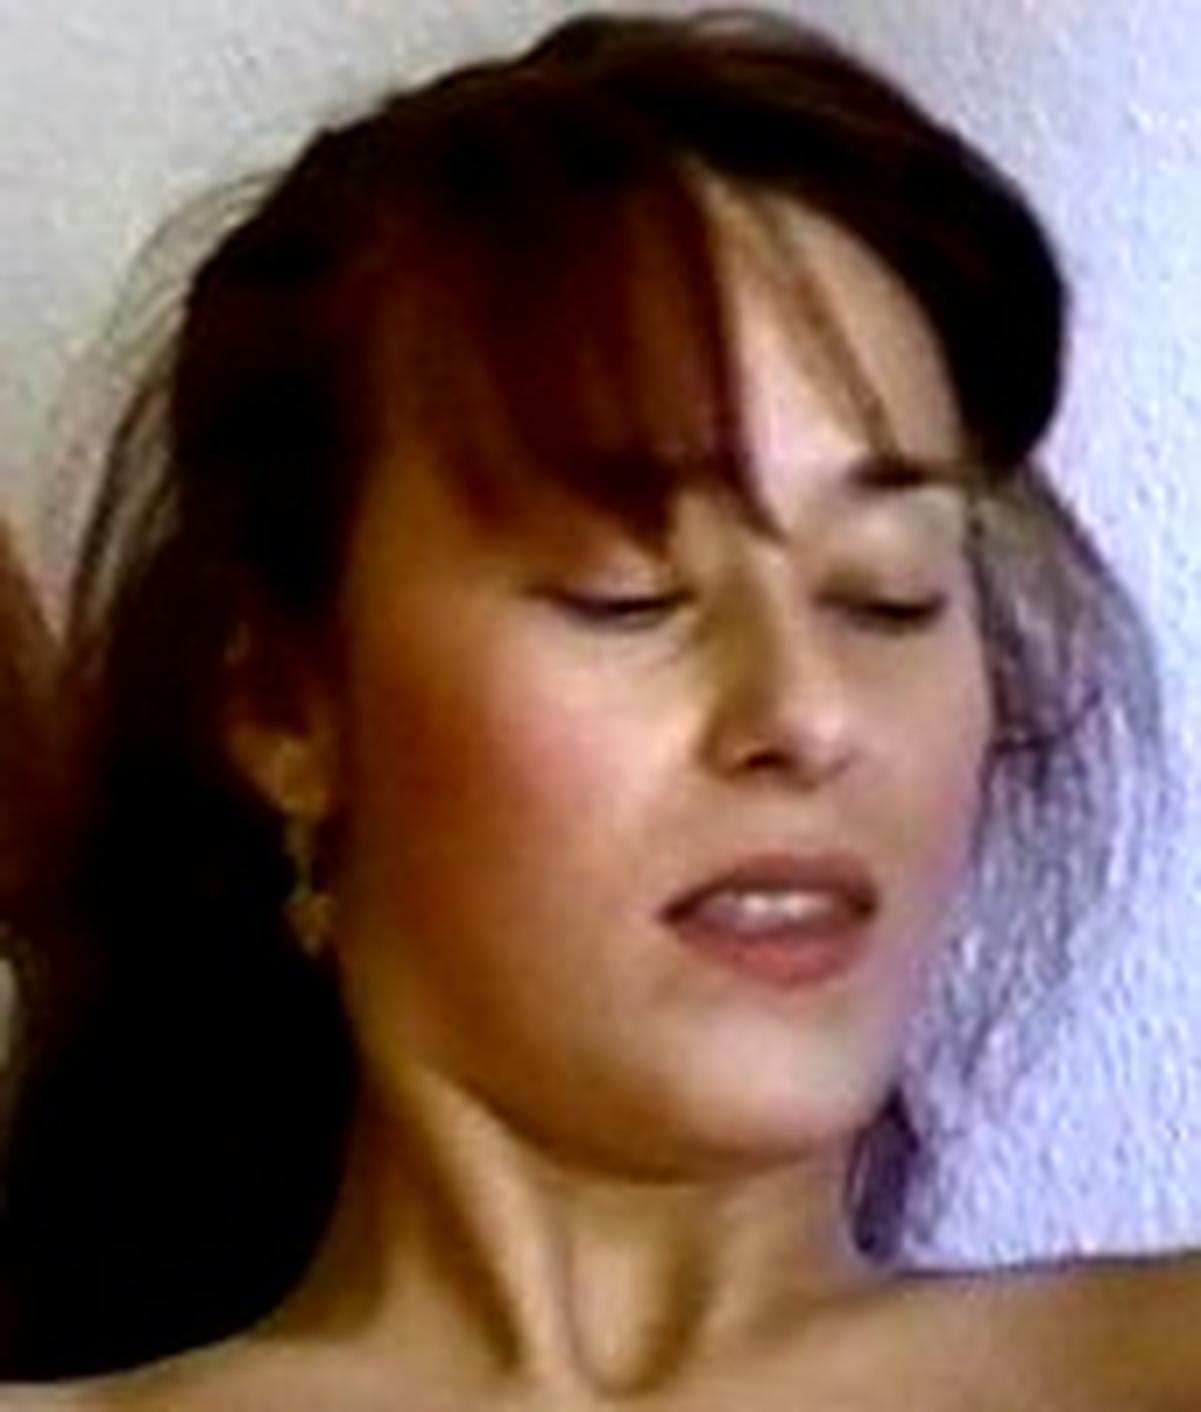 Nicolette Lars